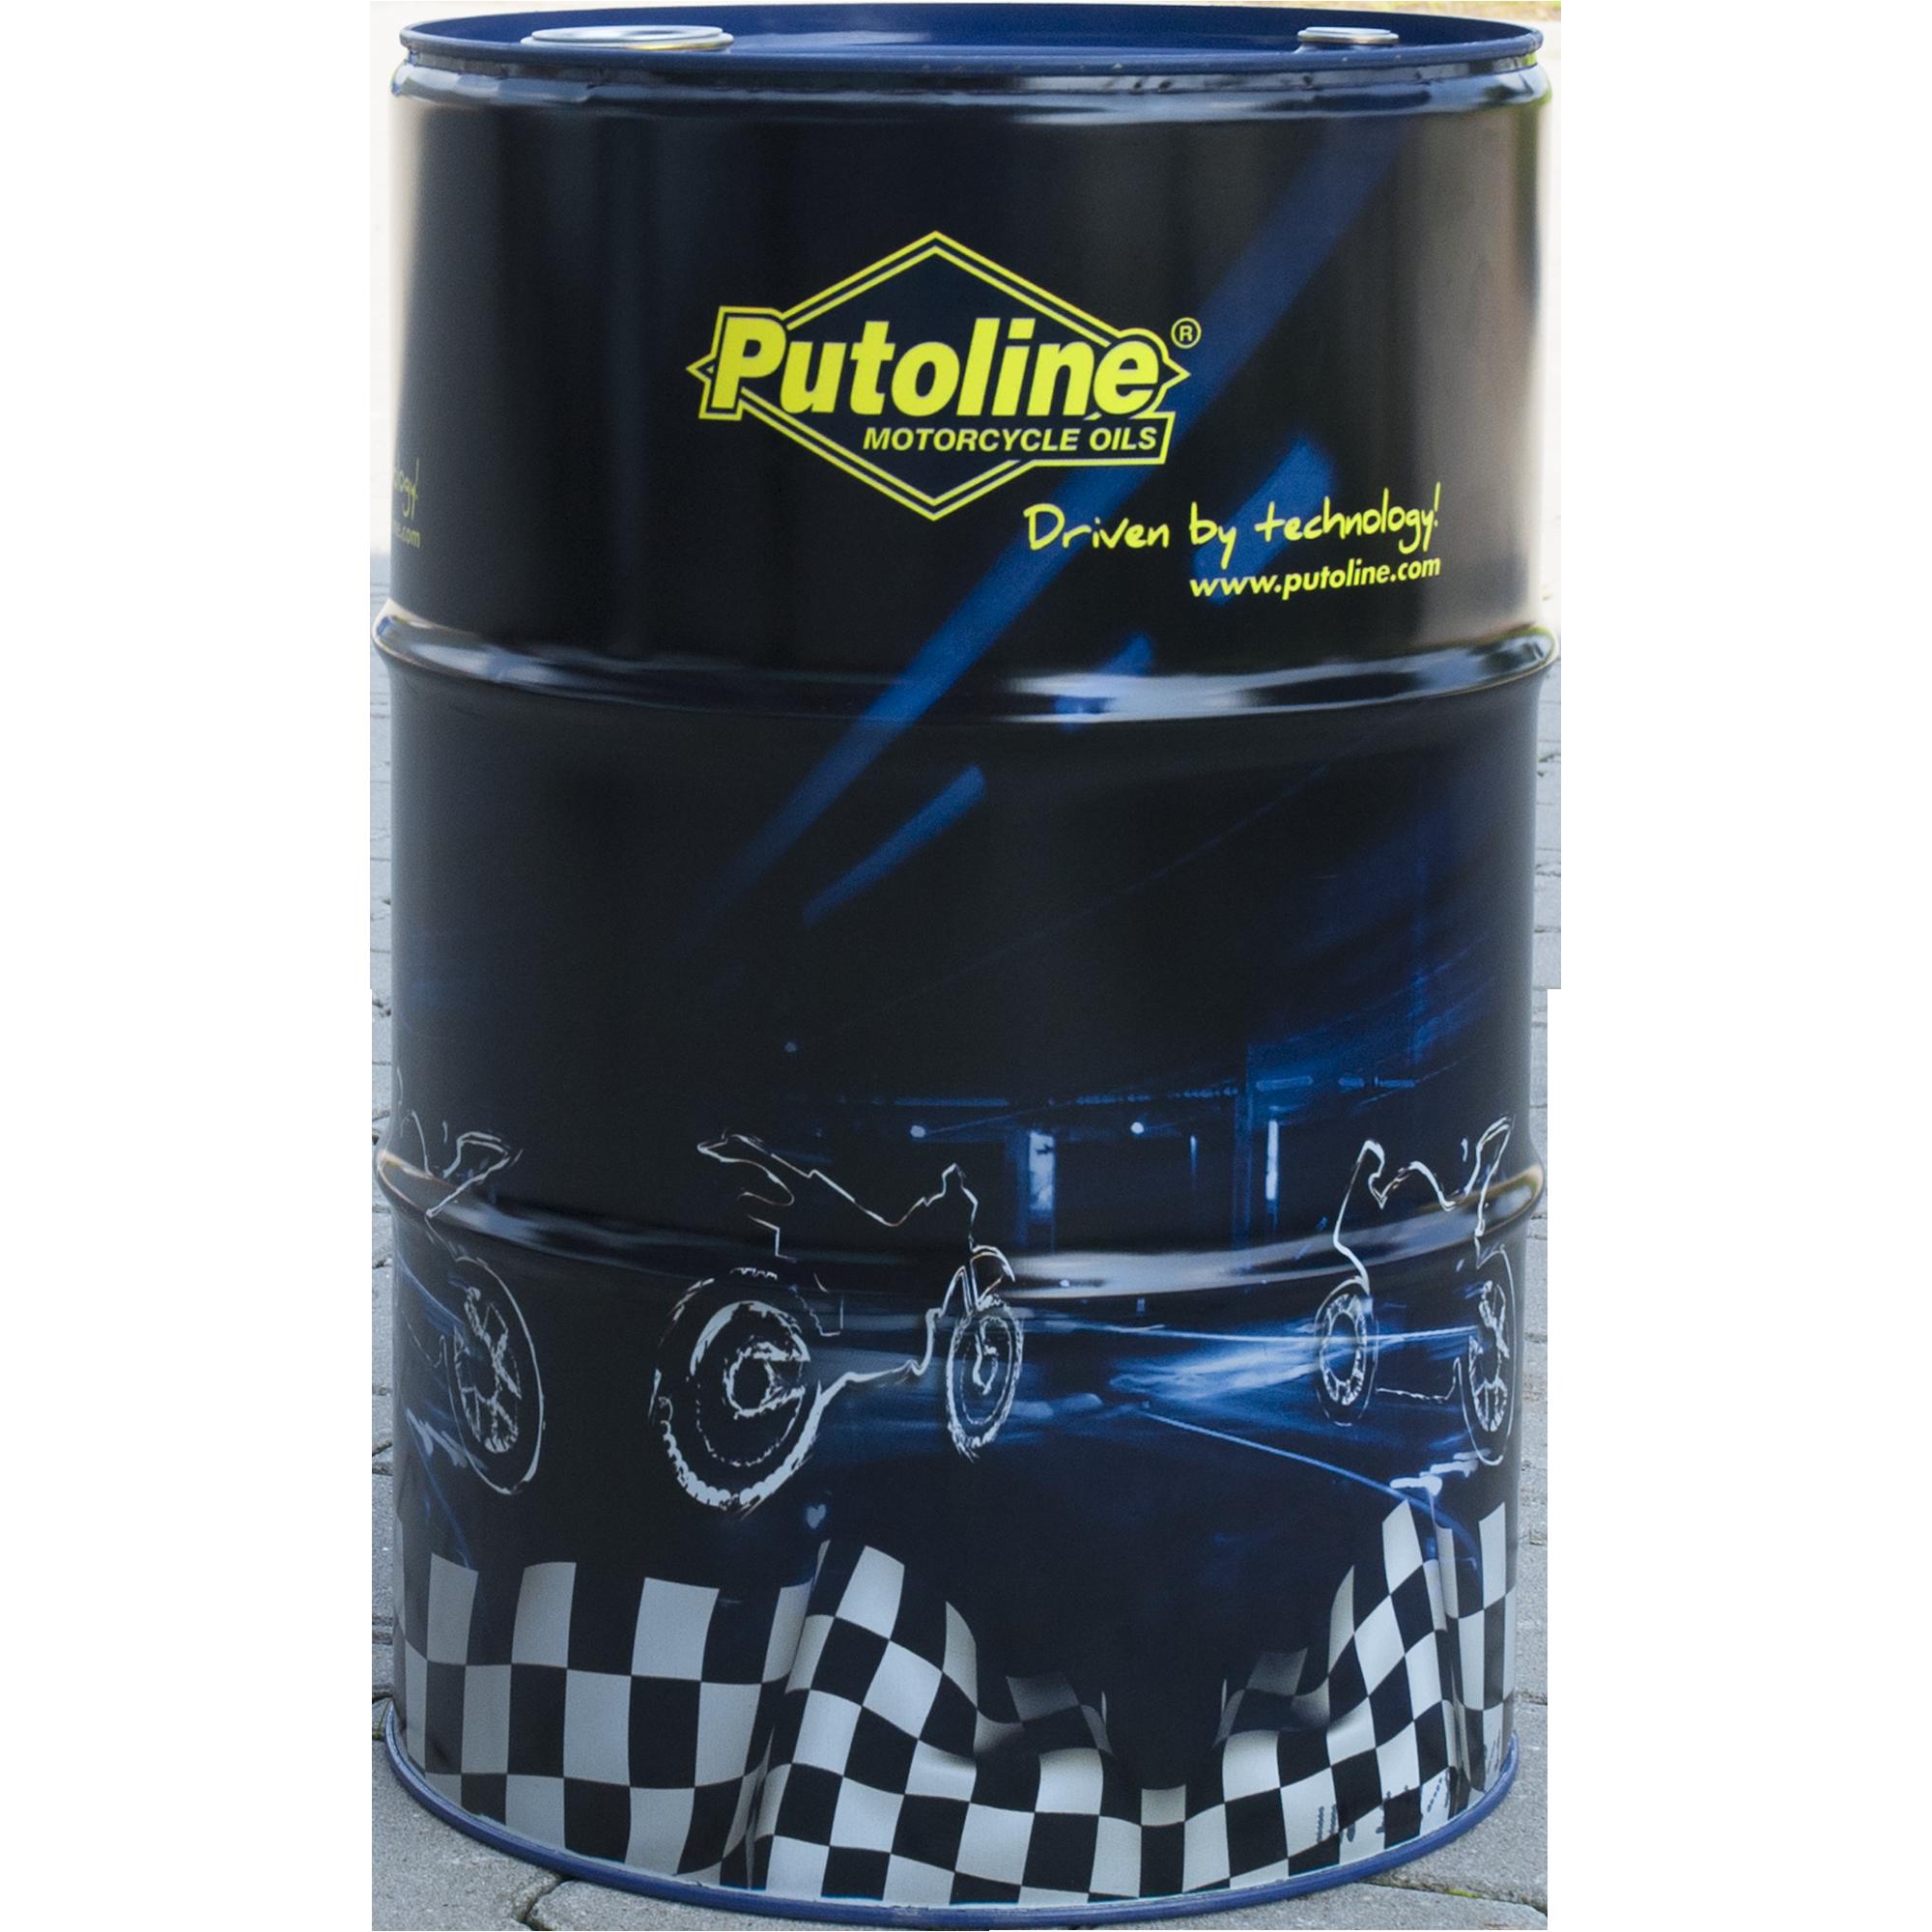 Putoline Motoröl Scooter 4T 10W-40 60L